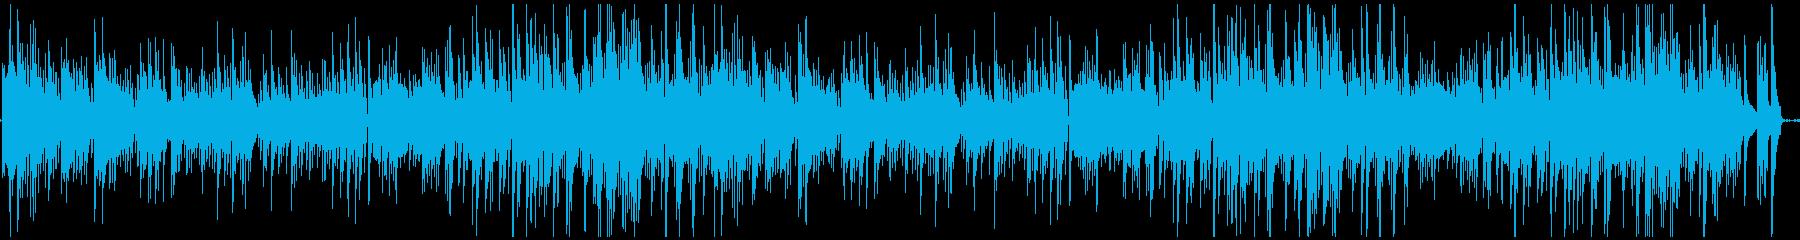 ナポリタンの伝統的な歌のスタイル。の再生済みの波形